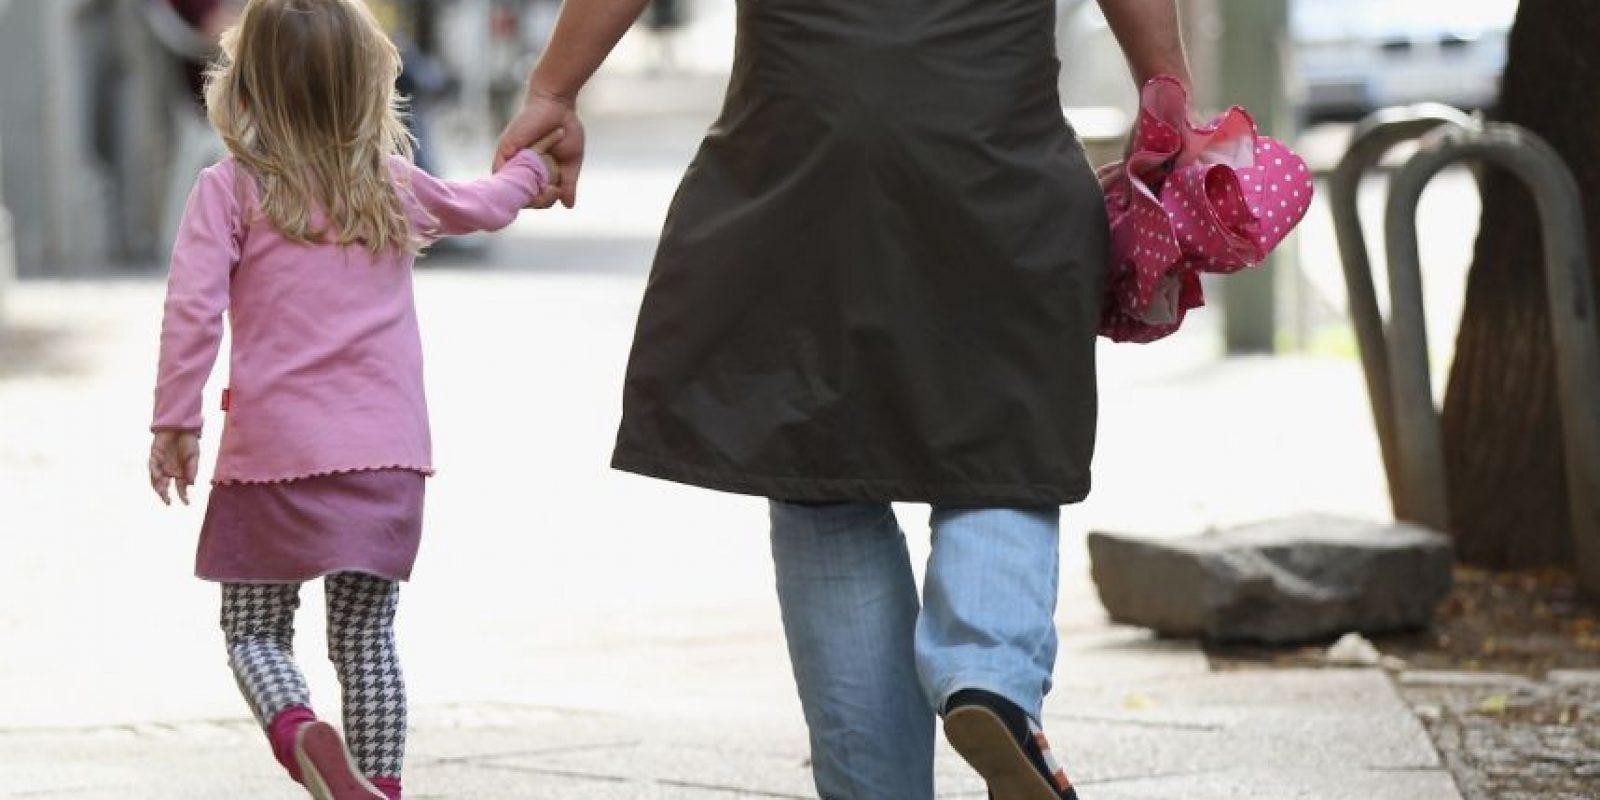 6. El maltrato puede contribuir a las enfermedades del corazón, al cáncer, al suicidio y a las infecciones de transmisión sexual. Foto:Getty Images